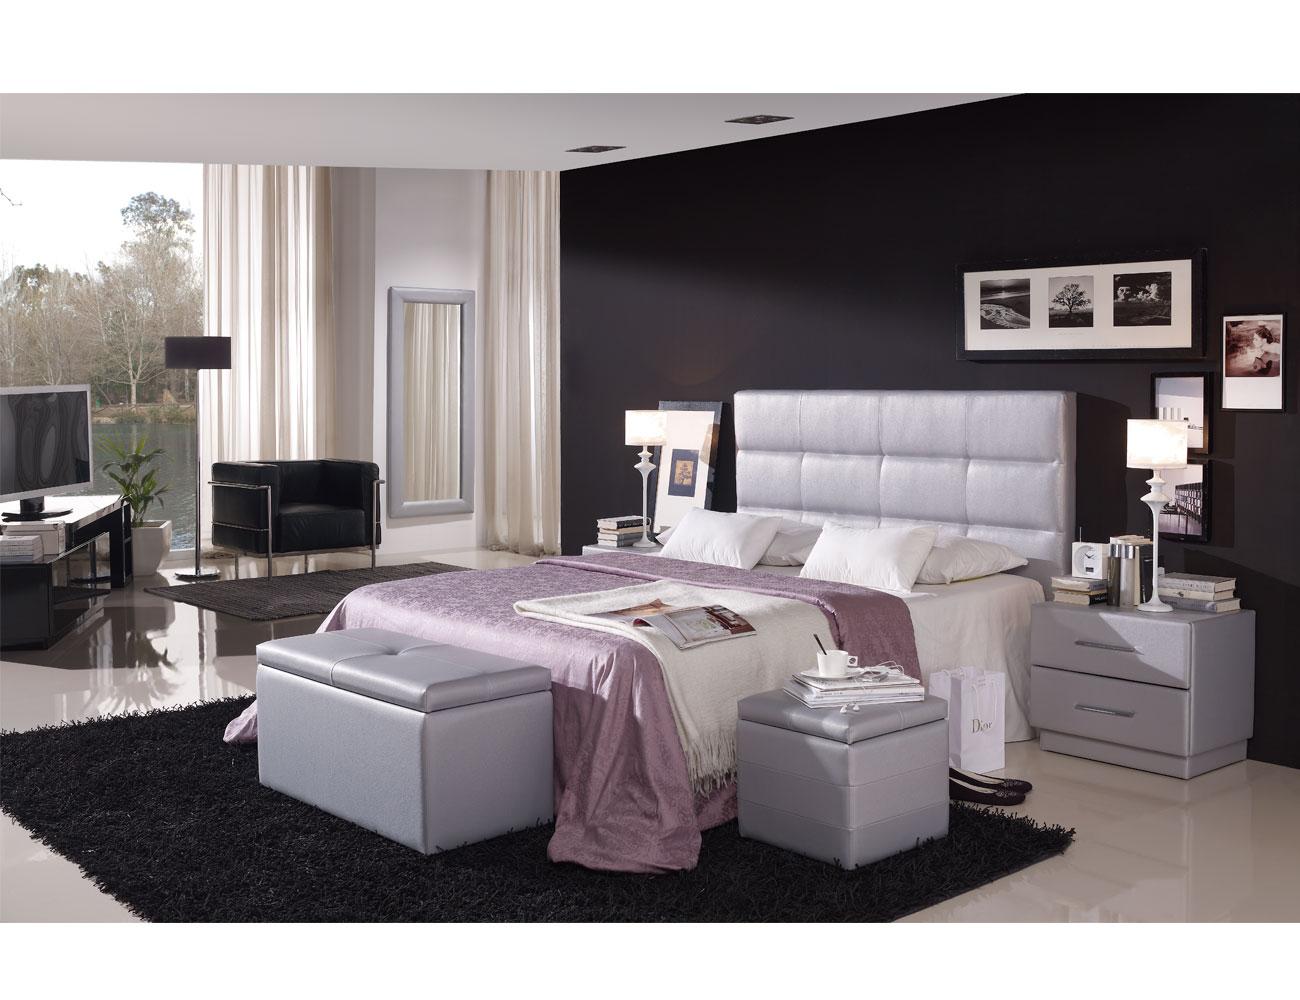 23 marco tapizado dormitorio97